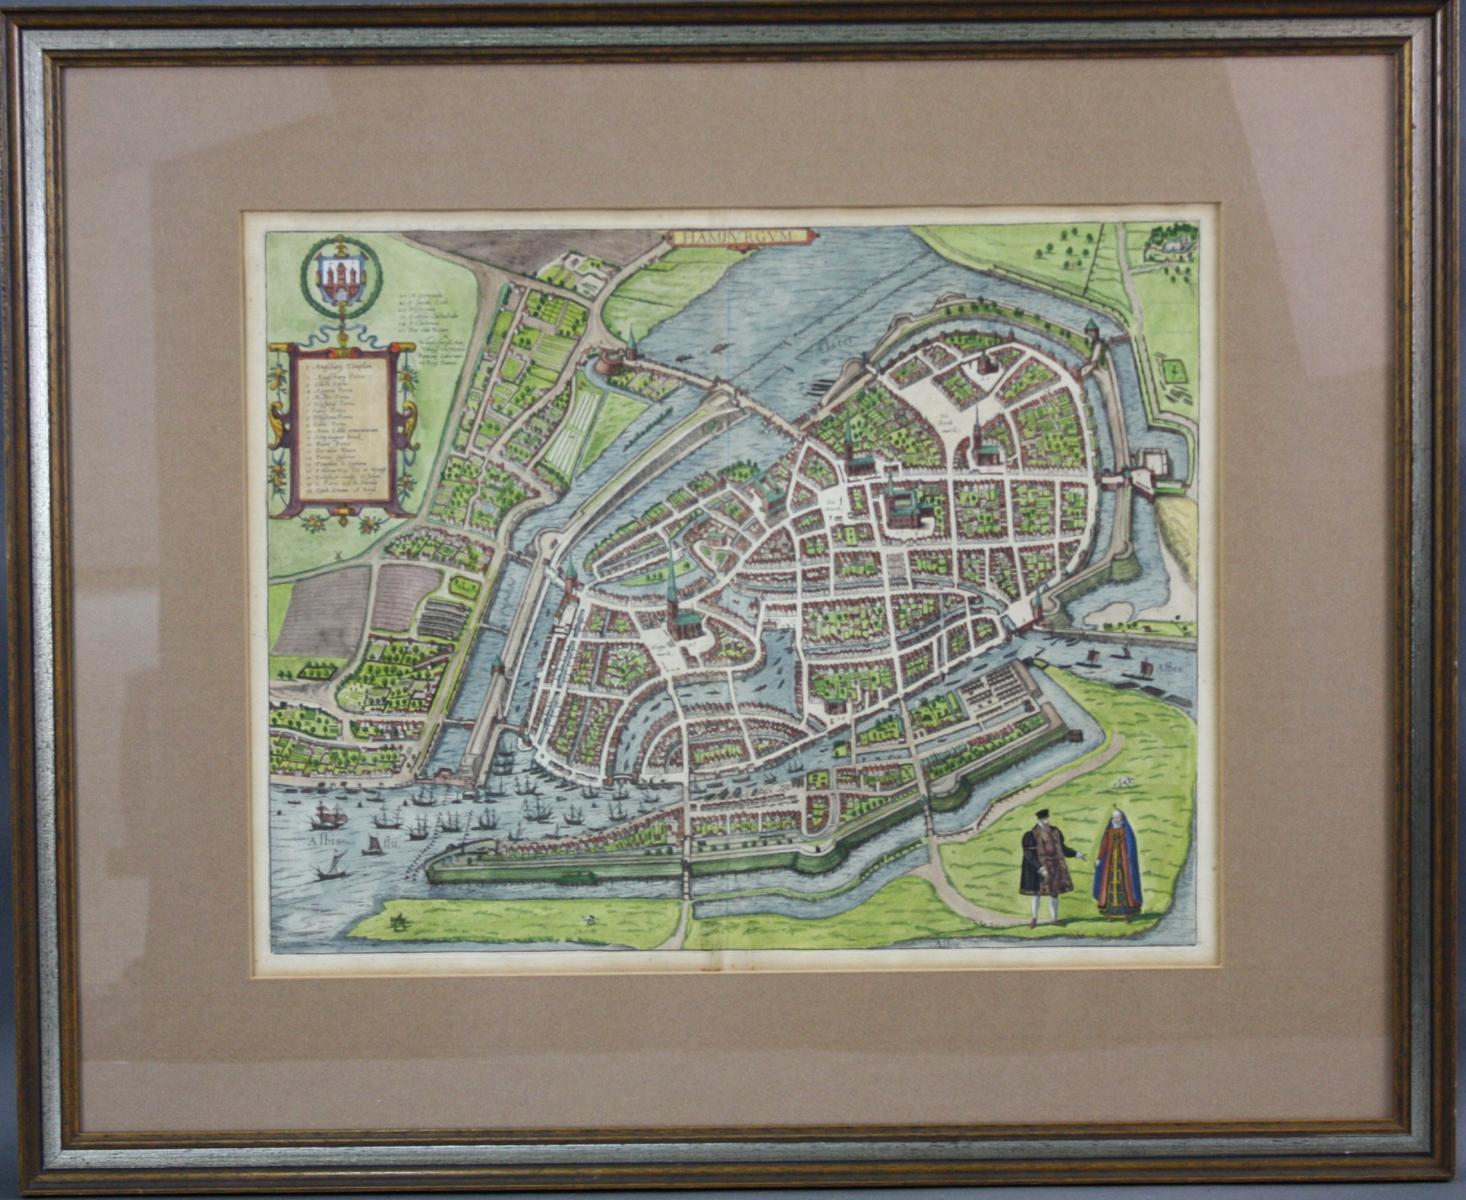 Altkolorierte Kupferstichkarte, um 1590. Braun/Hogenberg – Hamburgum